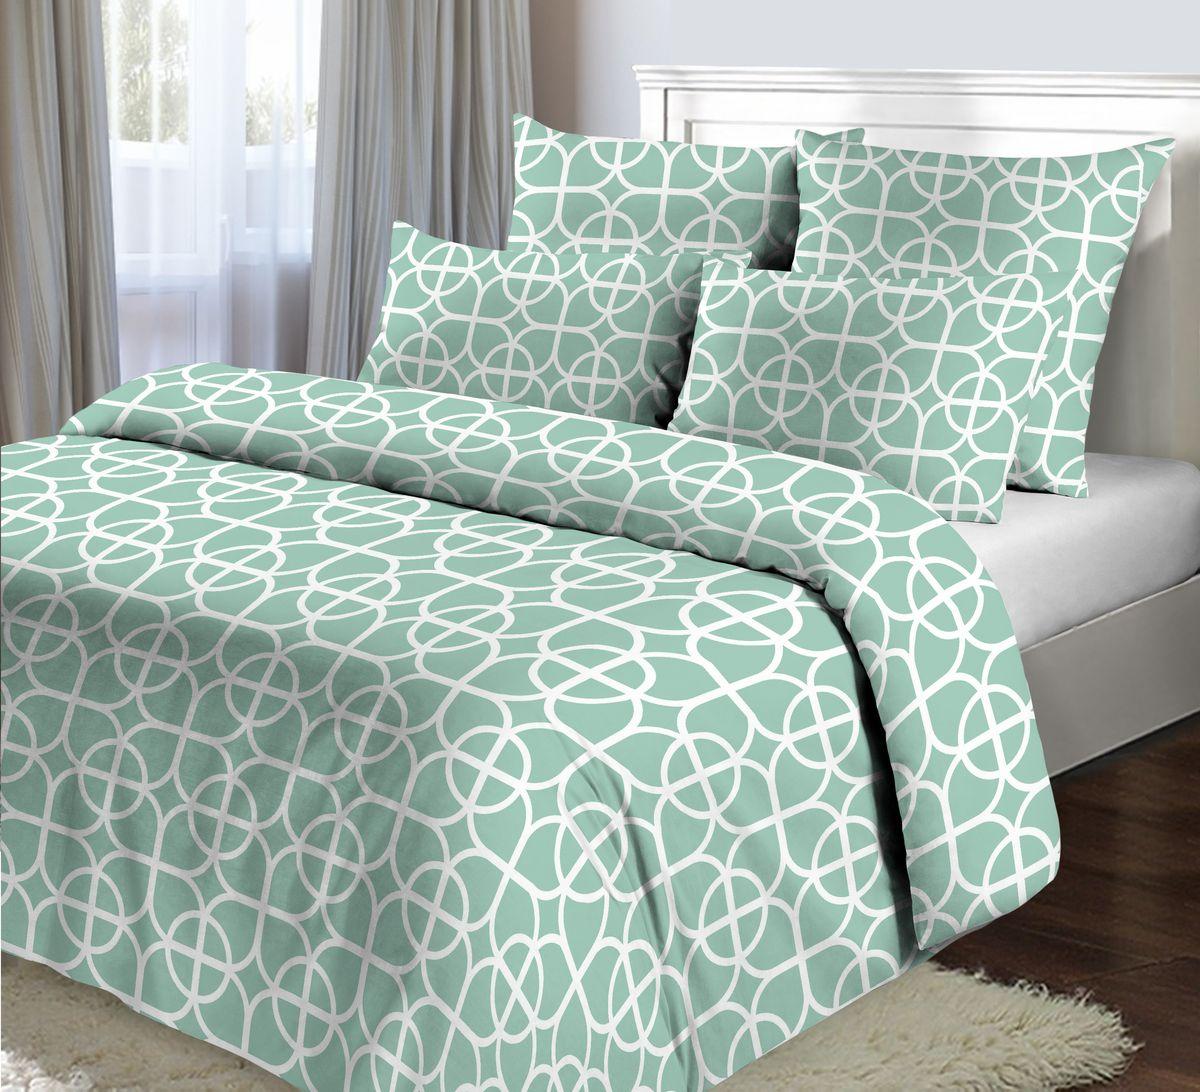 Комплект белья Коллекция Гео-2, 1,5-спальный, наволочки 50х70ОБК-1,5/50 5047.4